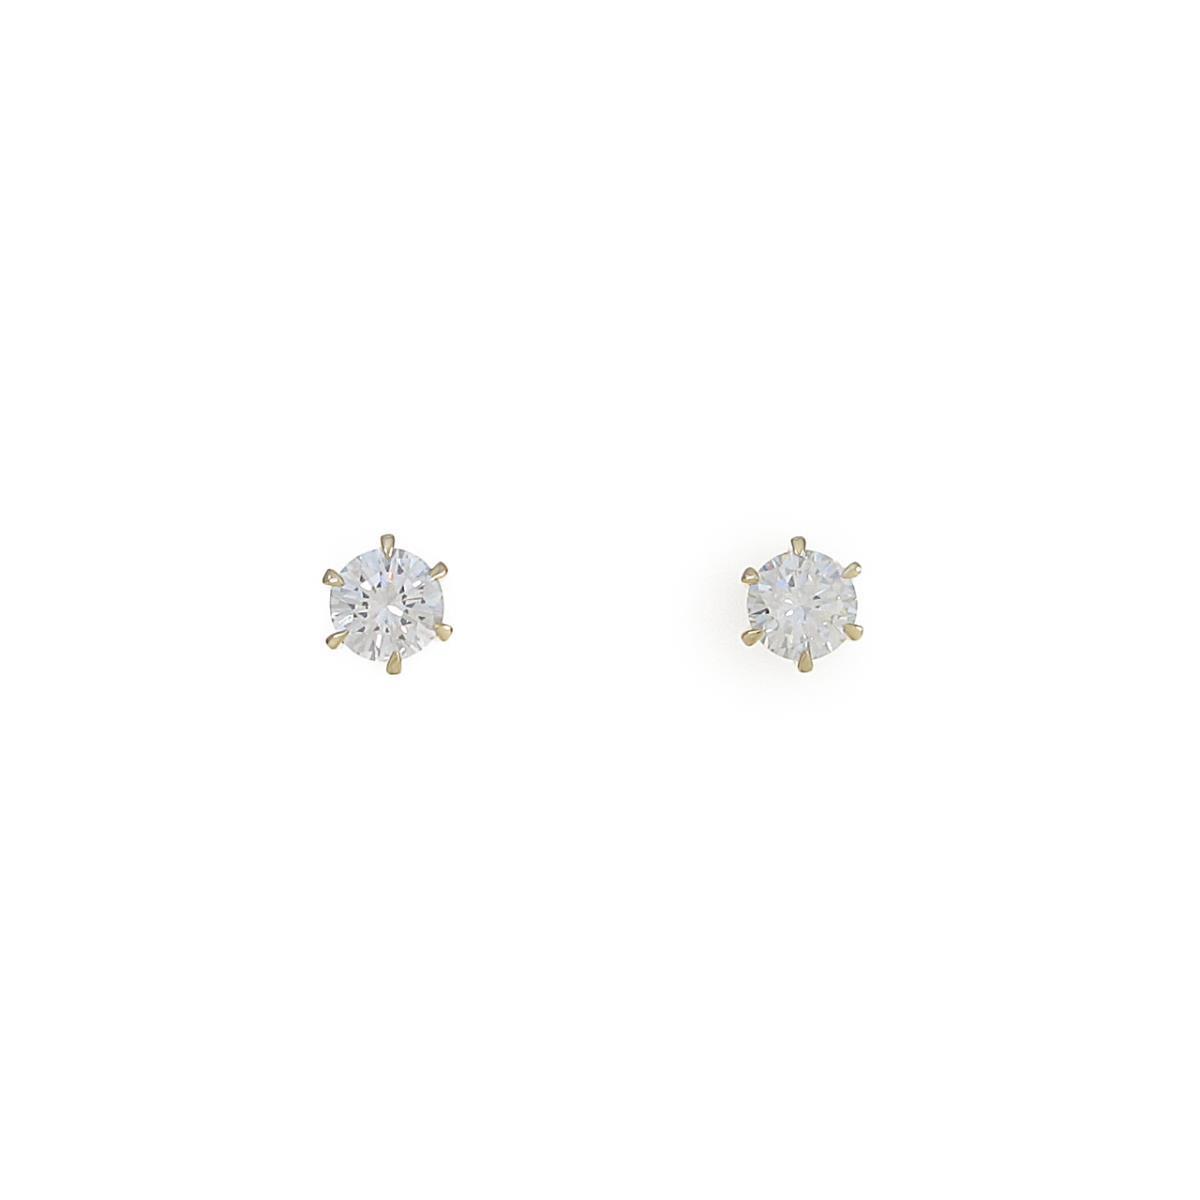 【リメイク】K18YG/ST ダイヤモンドピアス 0.239ct・0.254ct・G-H・SI1-2・VG【中古】